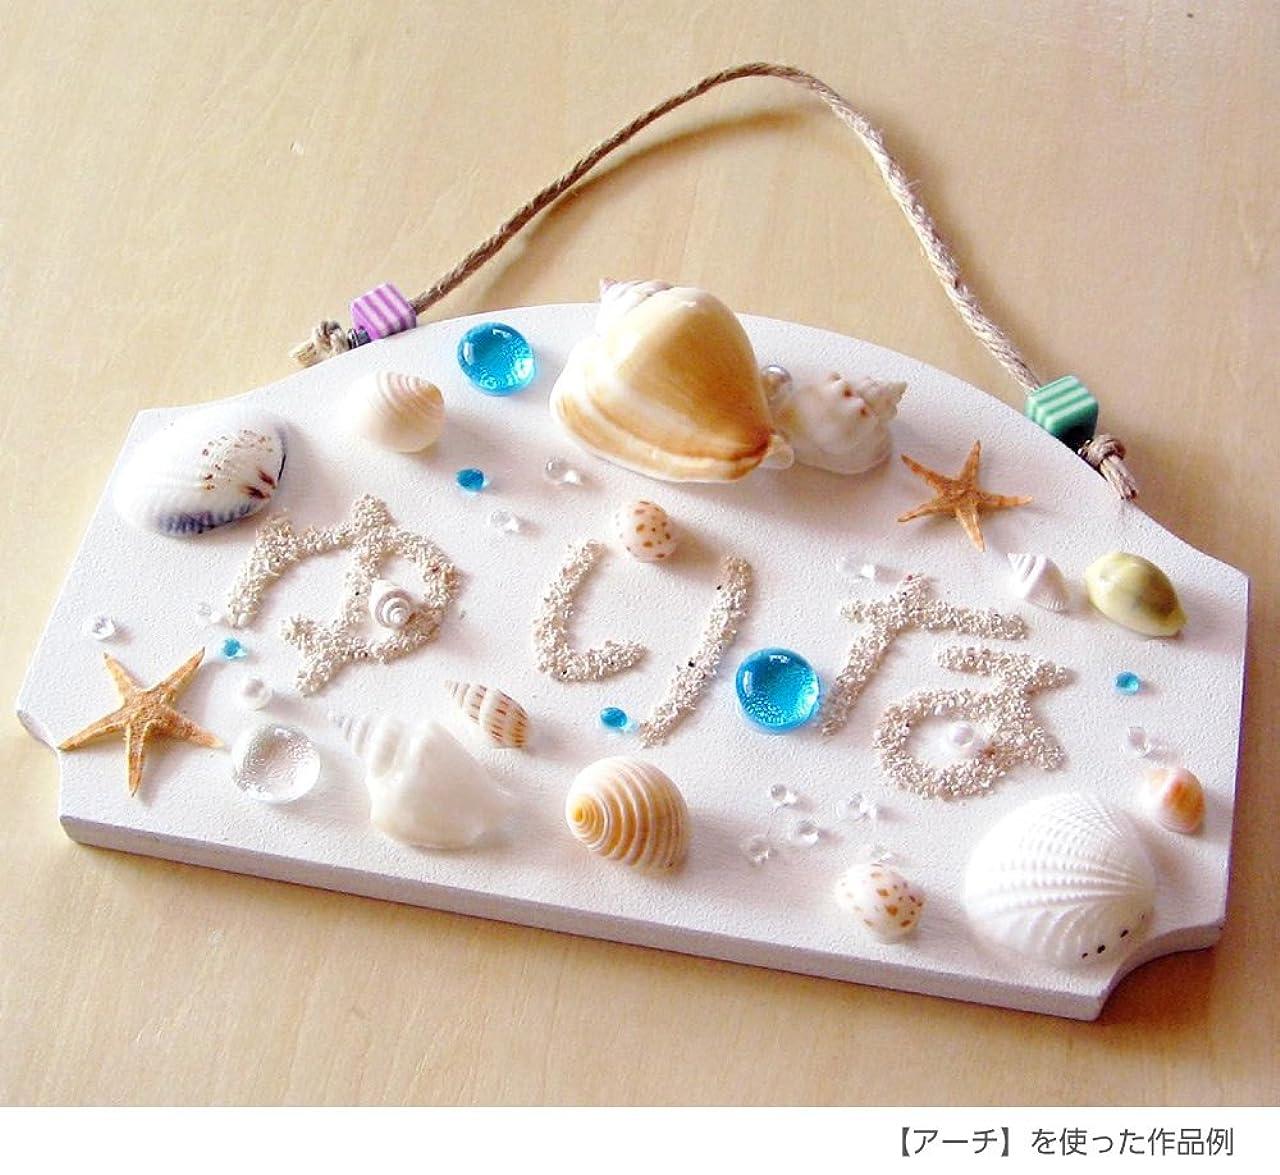 悪名高い救い胚貝殻とサンゴ砂のルームプレート【アーチ】[手作り工作キット]